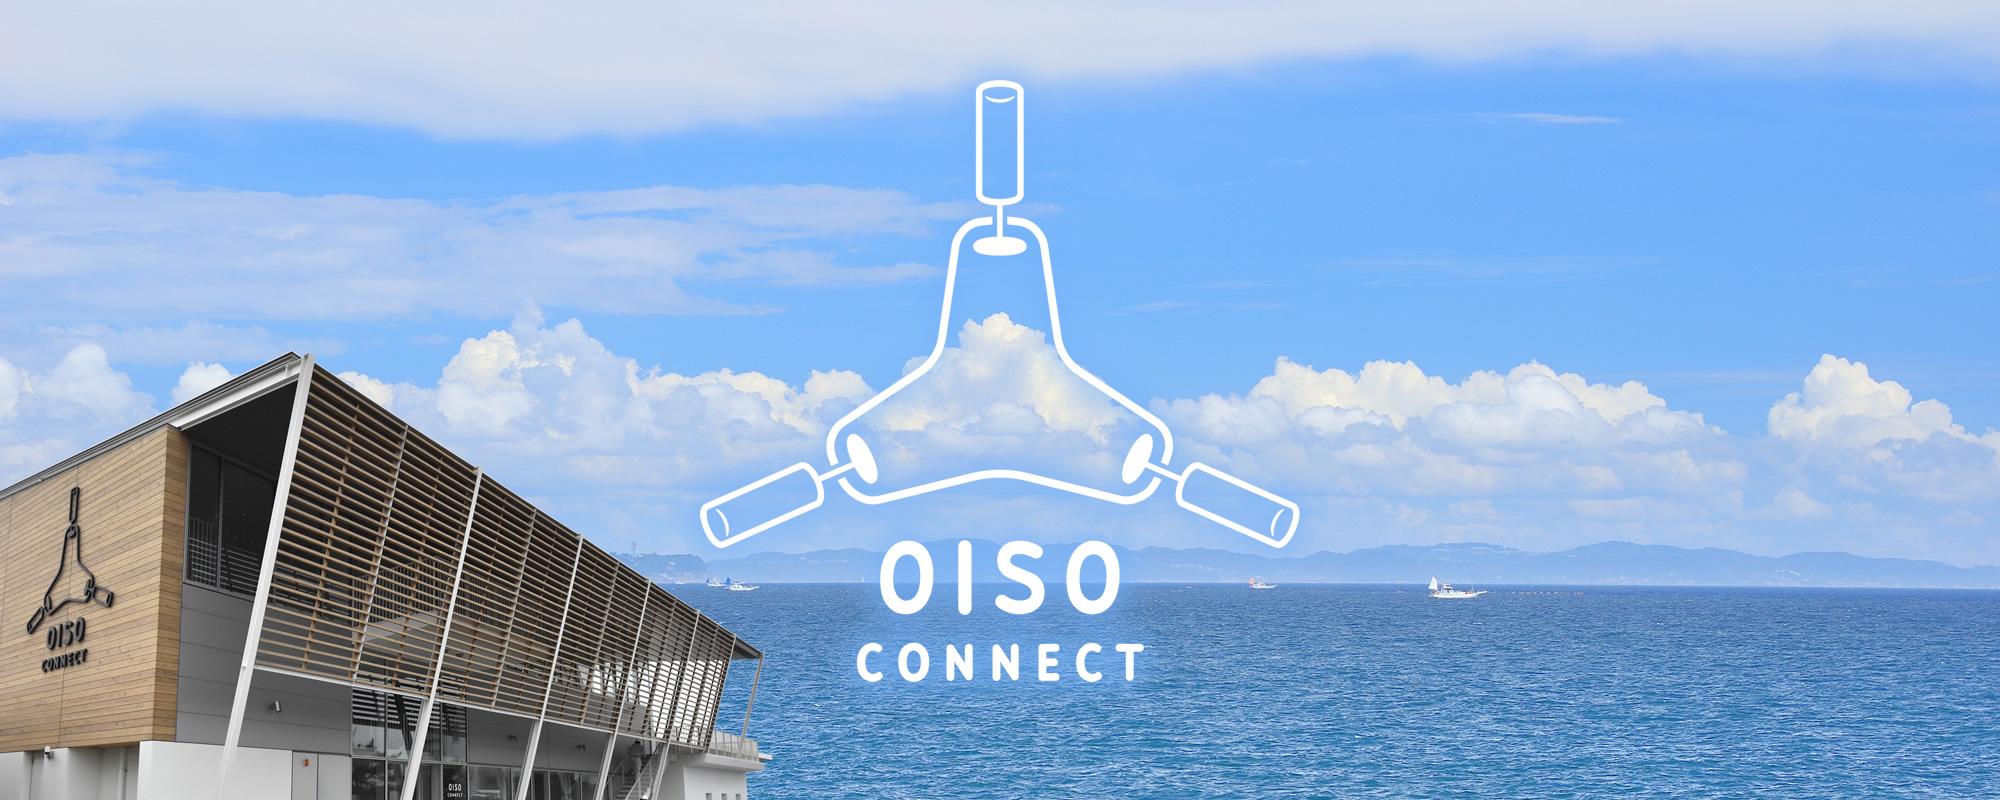 OISO CONNECT グランドオープン